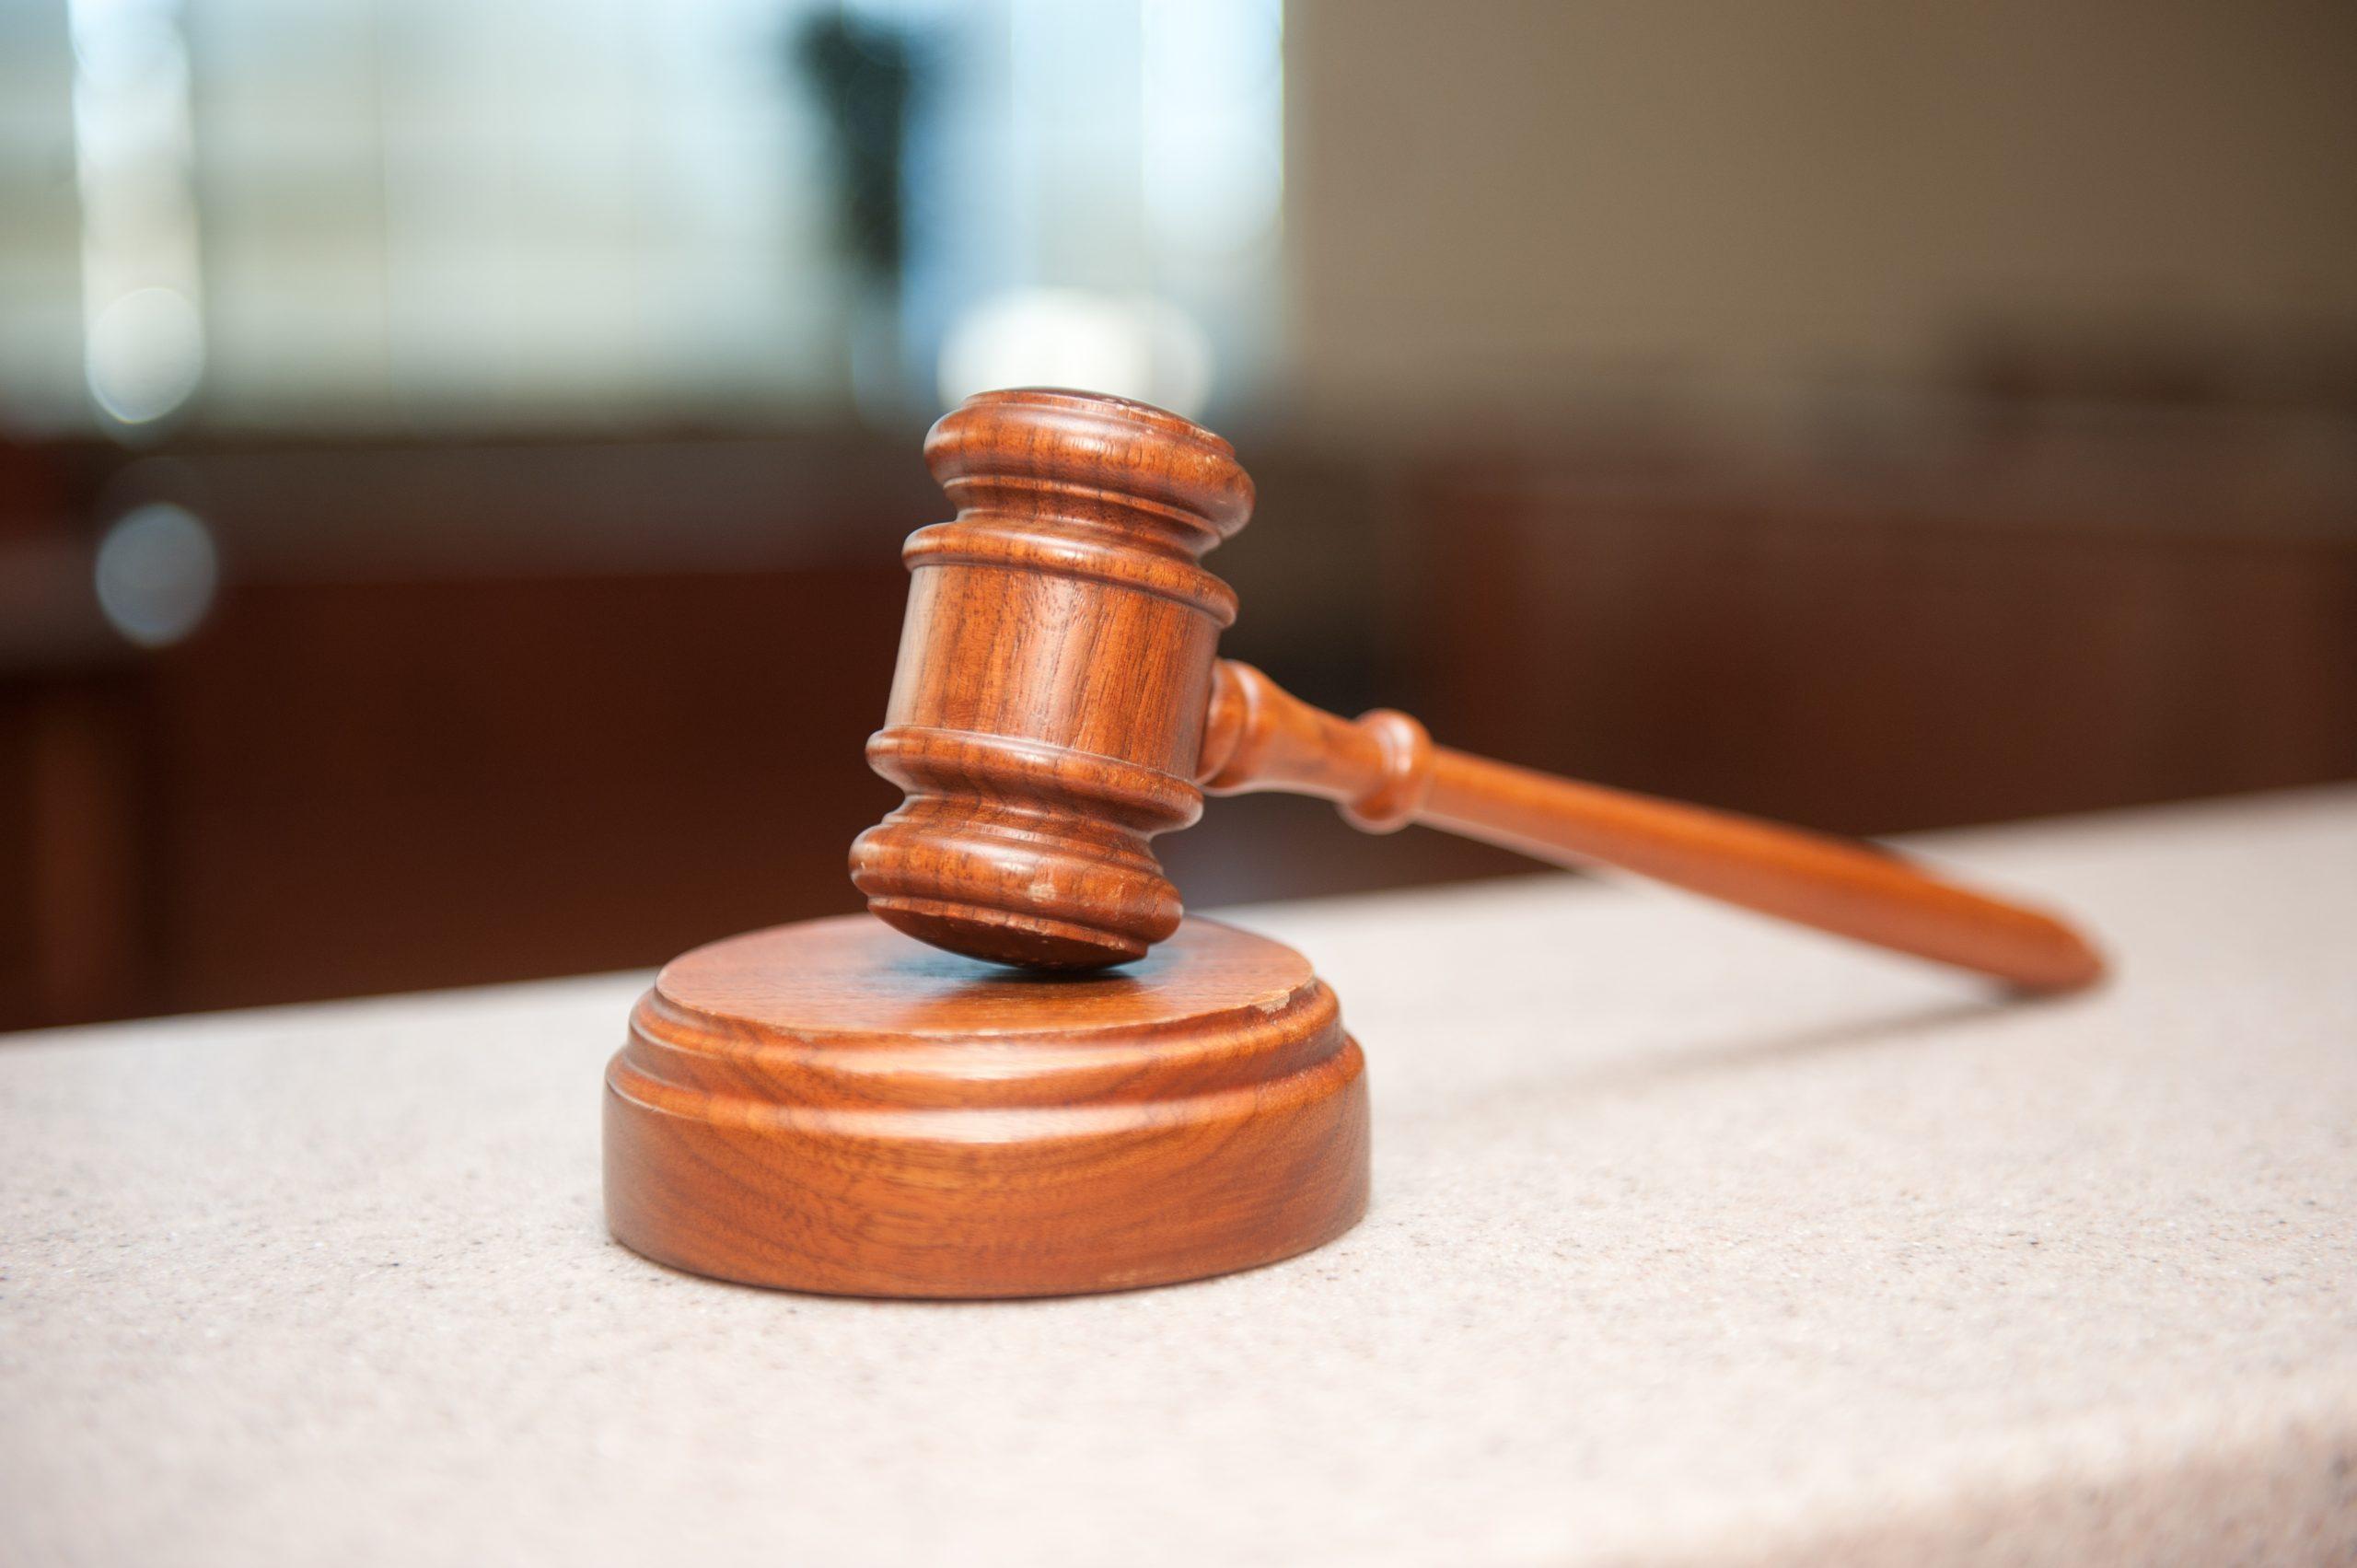 В суде доказать невиновность по статье почти невозможно